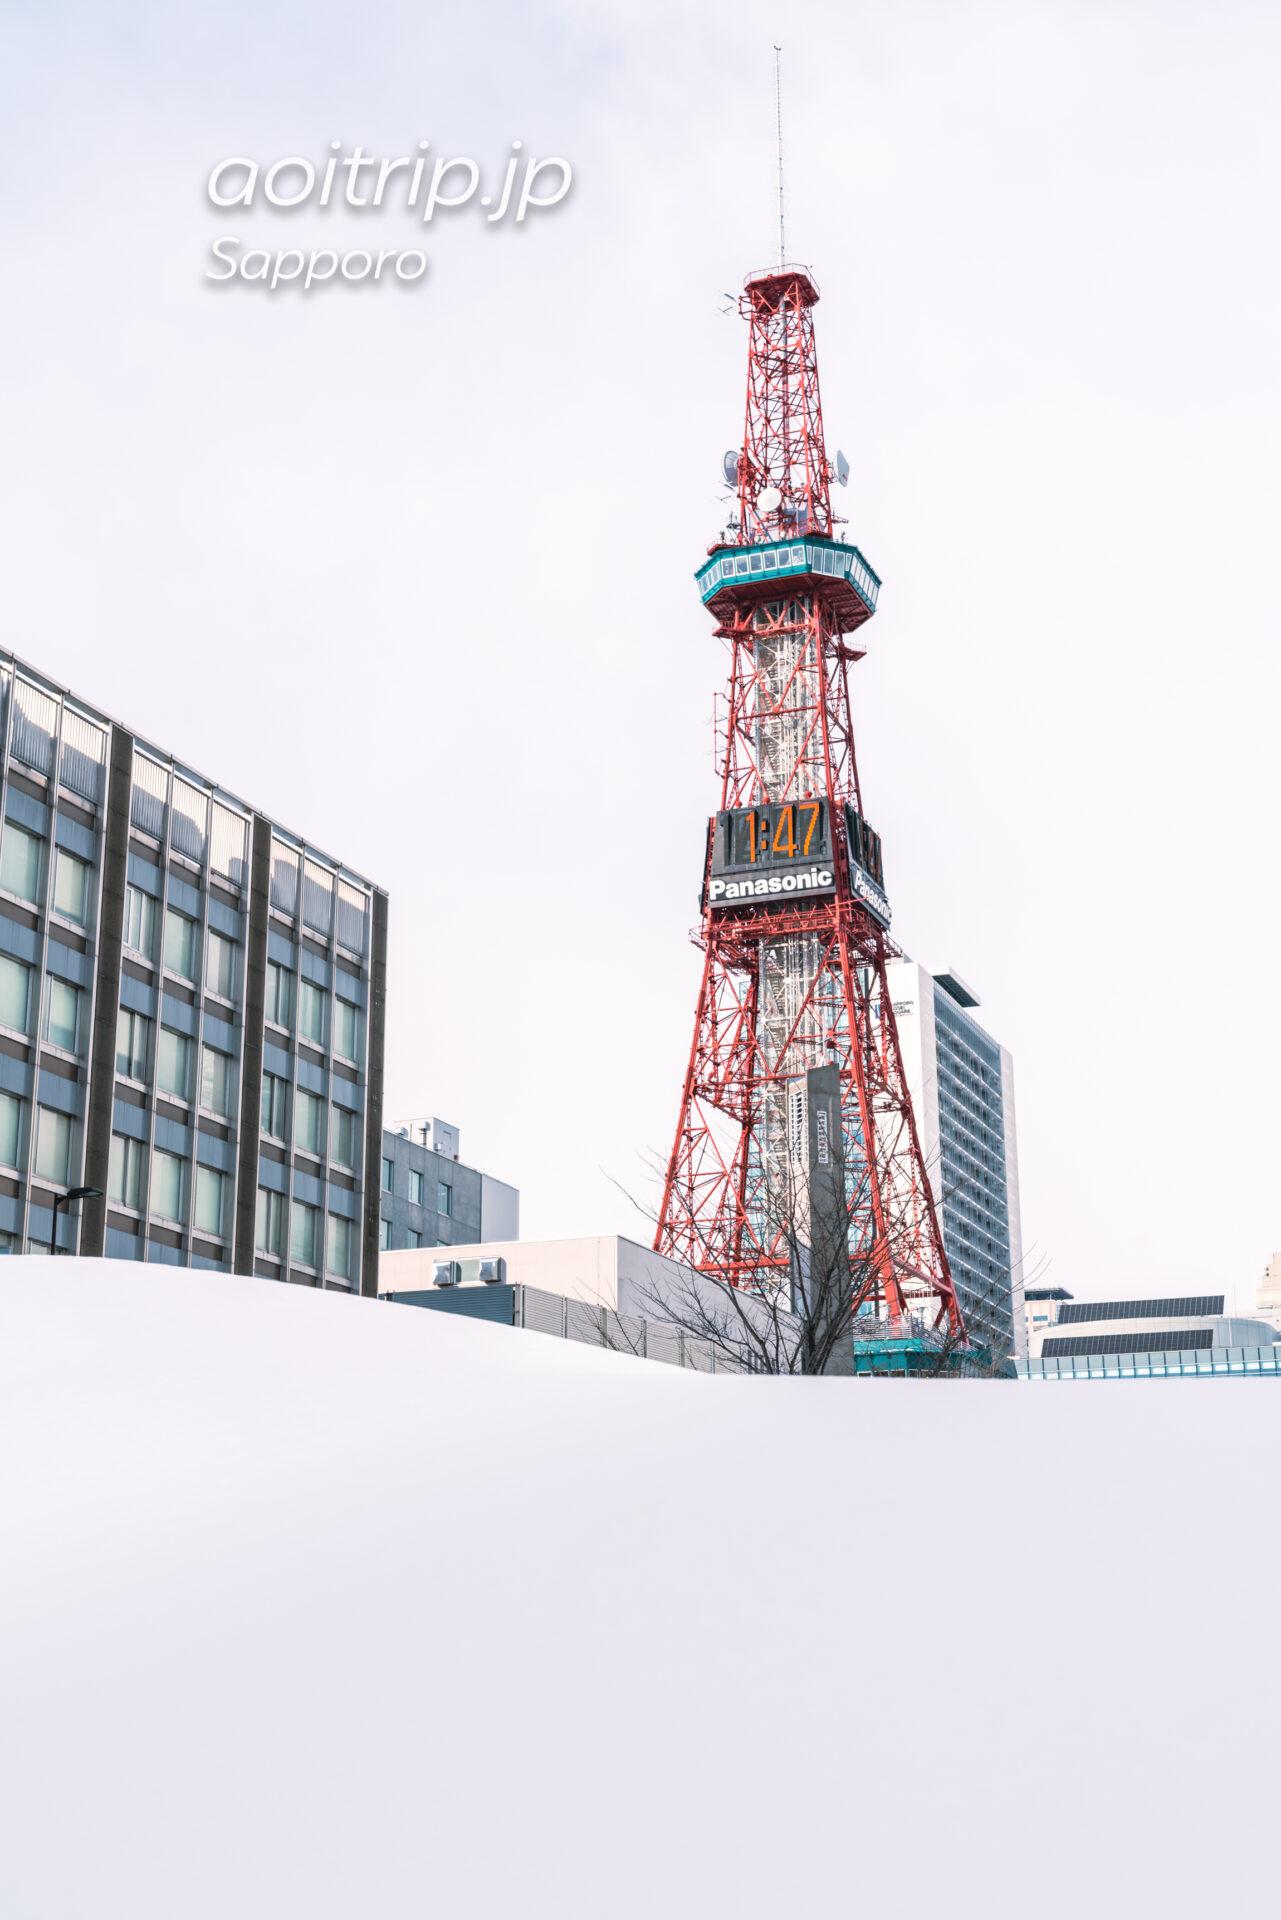 さっぽろテレビ塔と雪景色